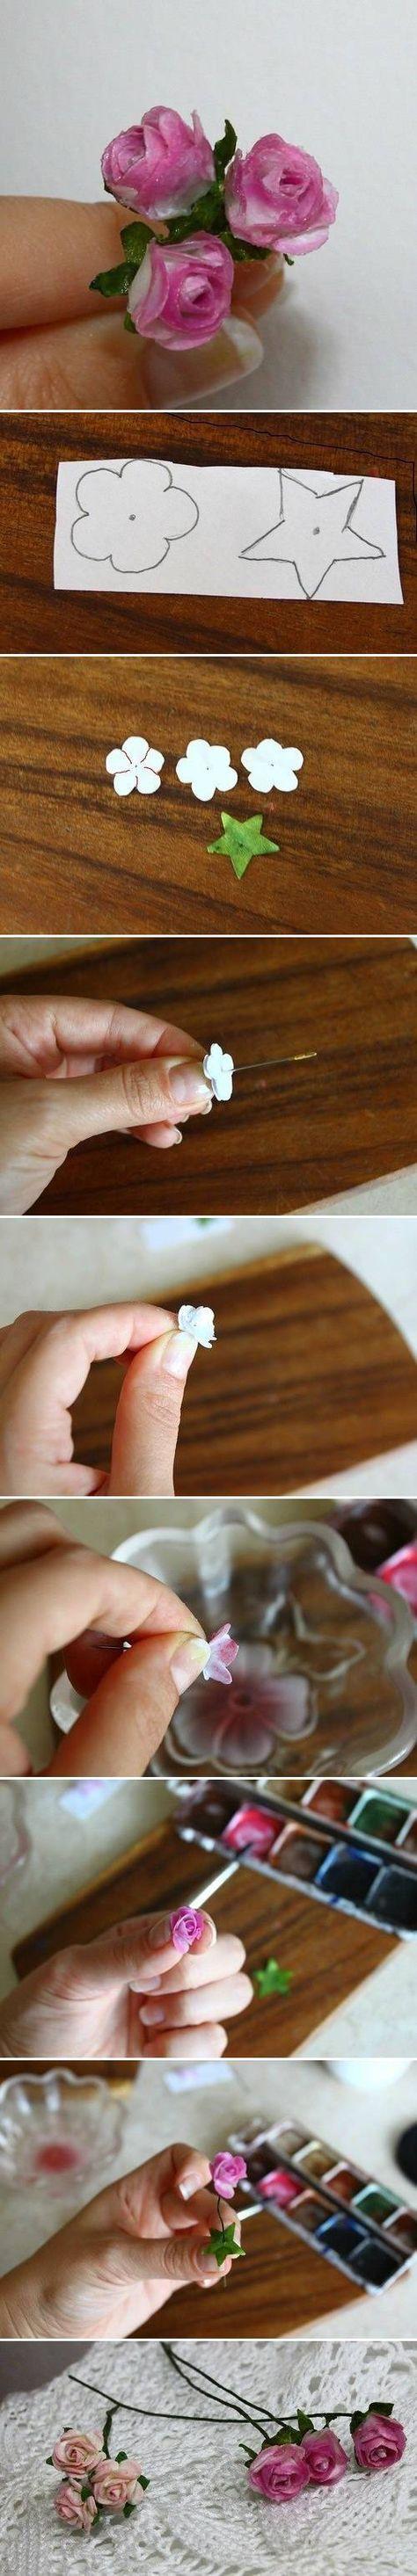 DIY Delicate Mini Roses